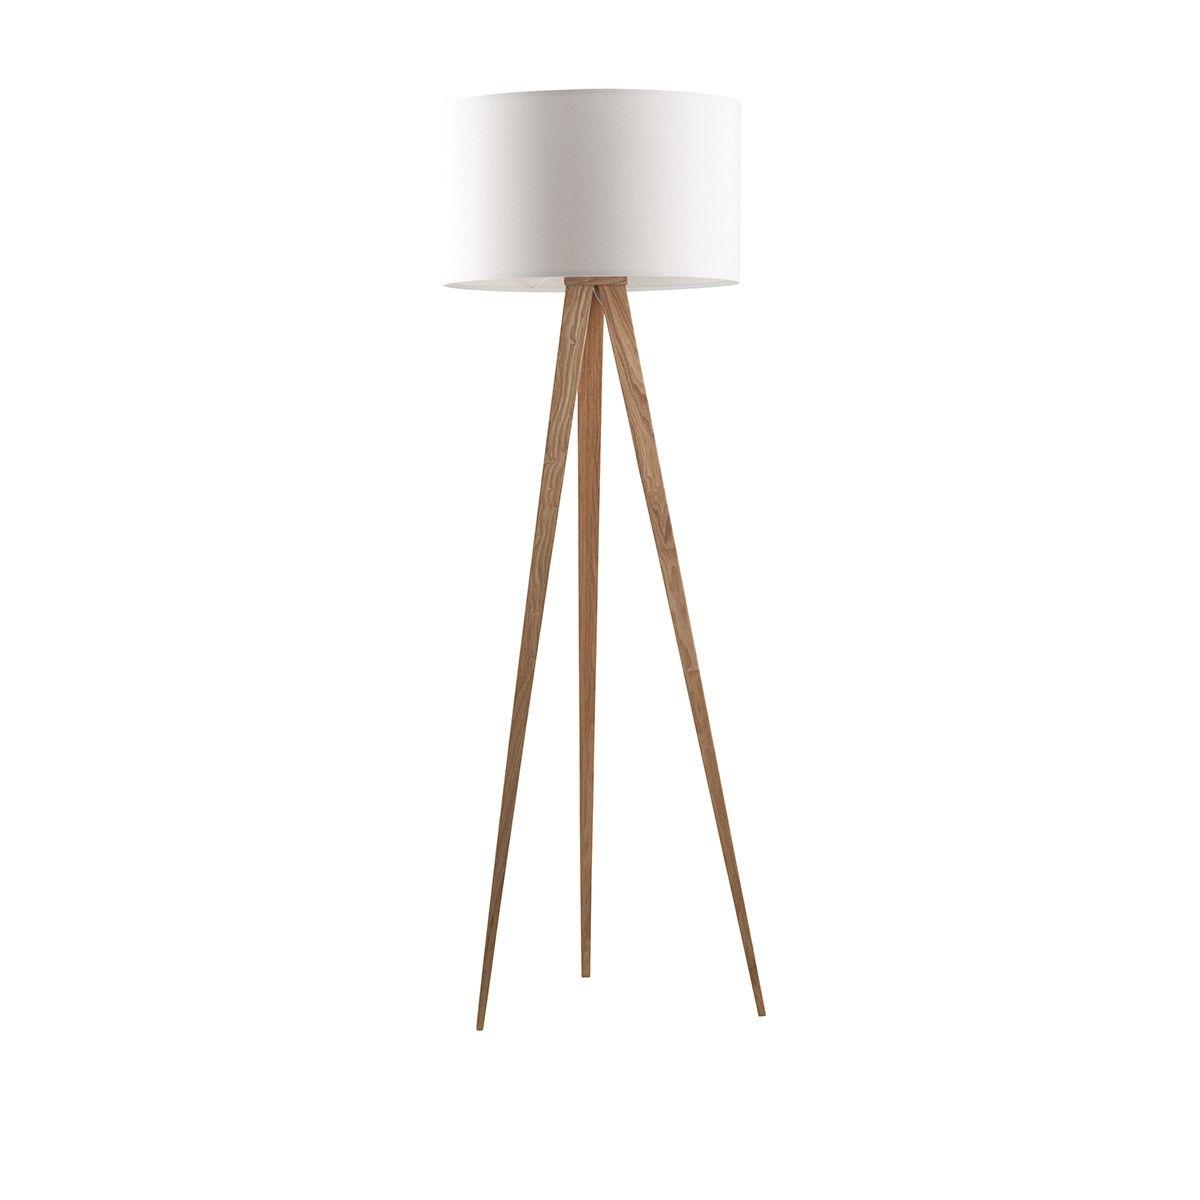 Lampe trpied en bois  Blanc  Dco  Lampe trepied